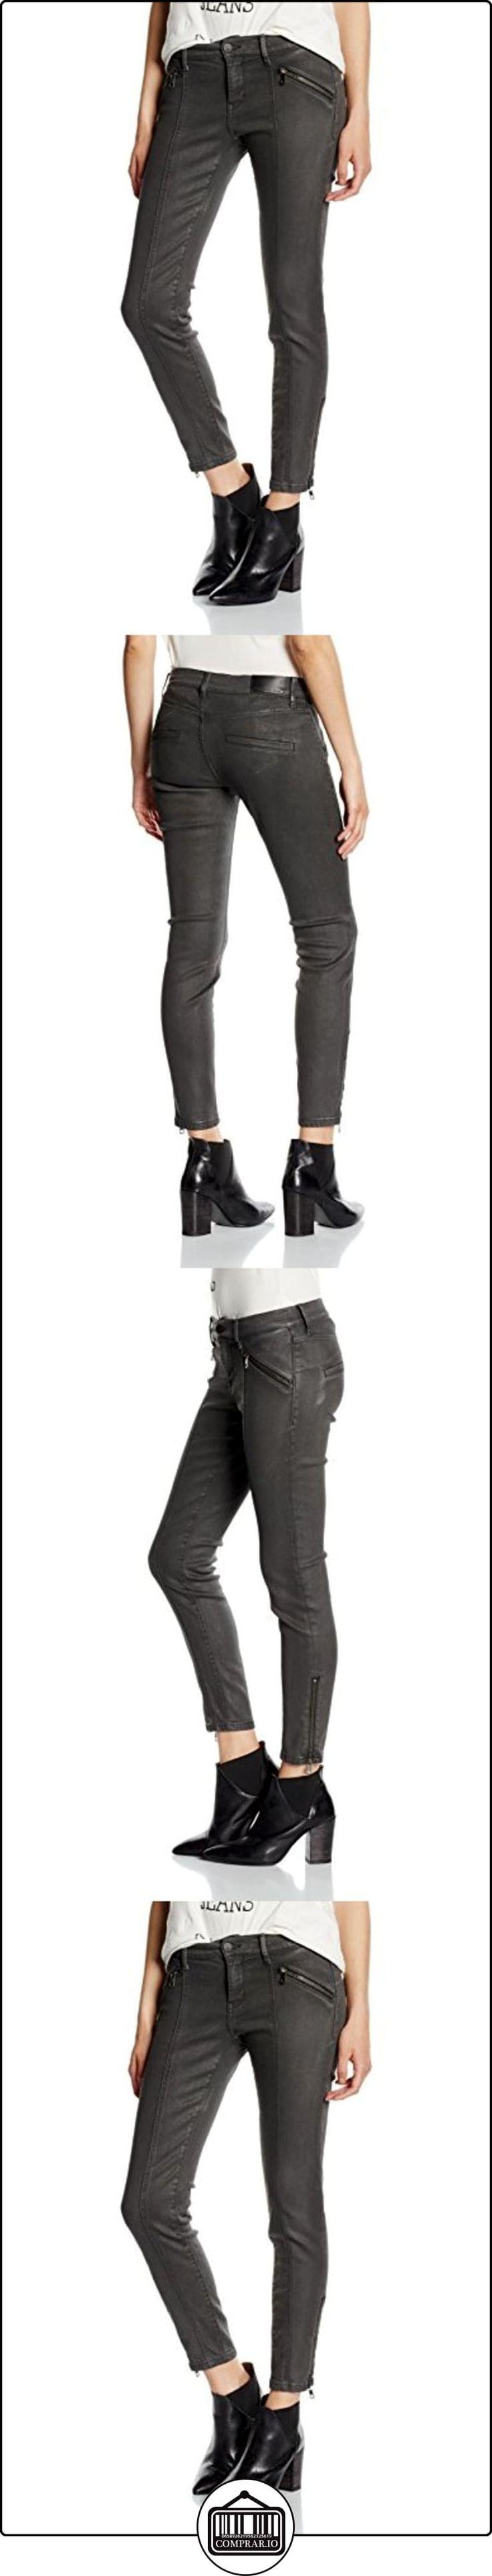 Calvin Klein Jeans Moto City Skinny, Azul para Mujer, Schwarz (Extreme Tumbled Black 914), W26  ✿ Vaqueros ✿